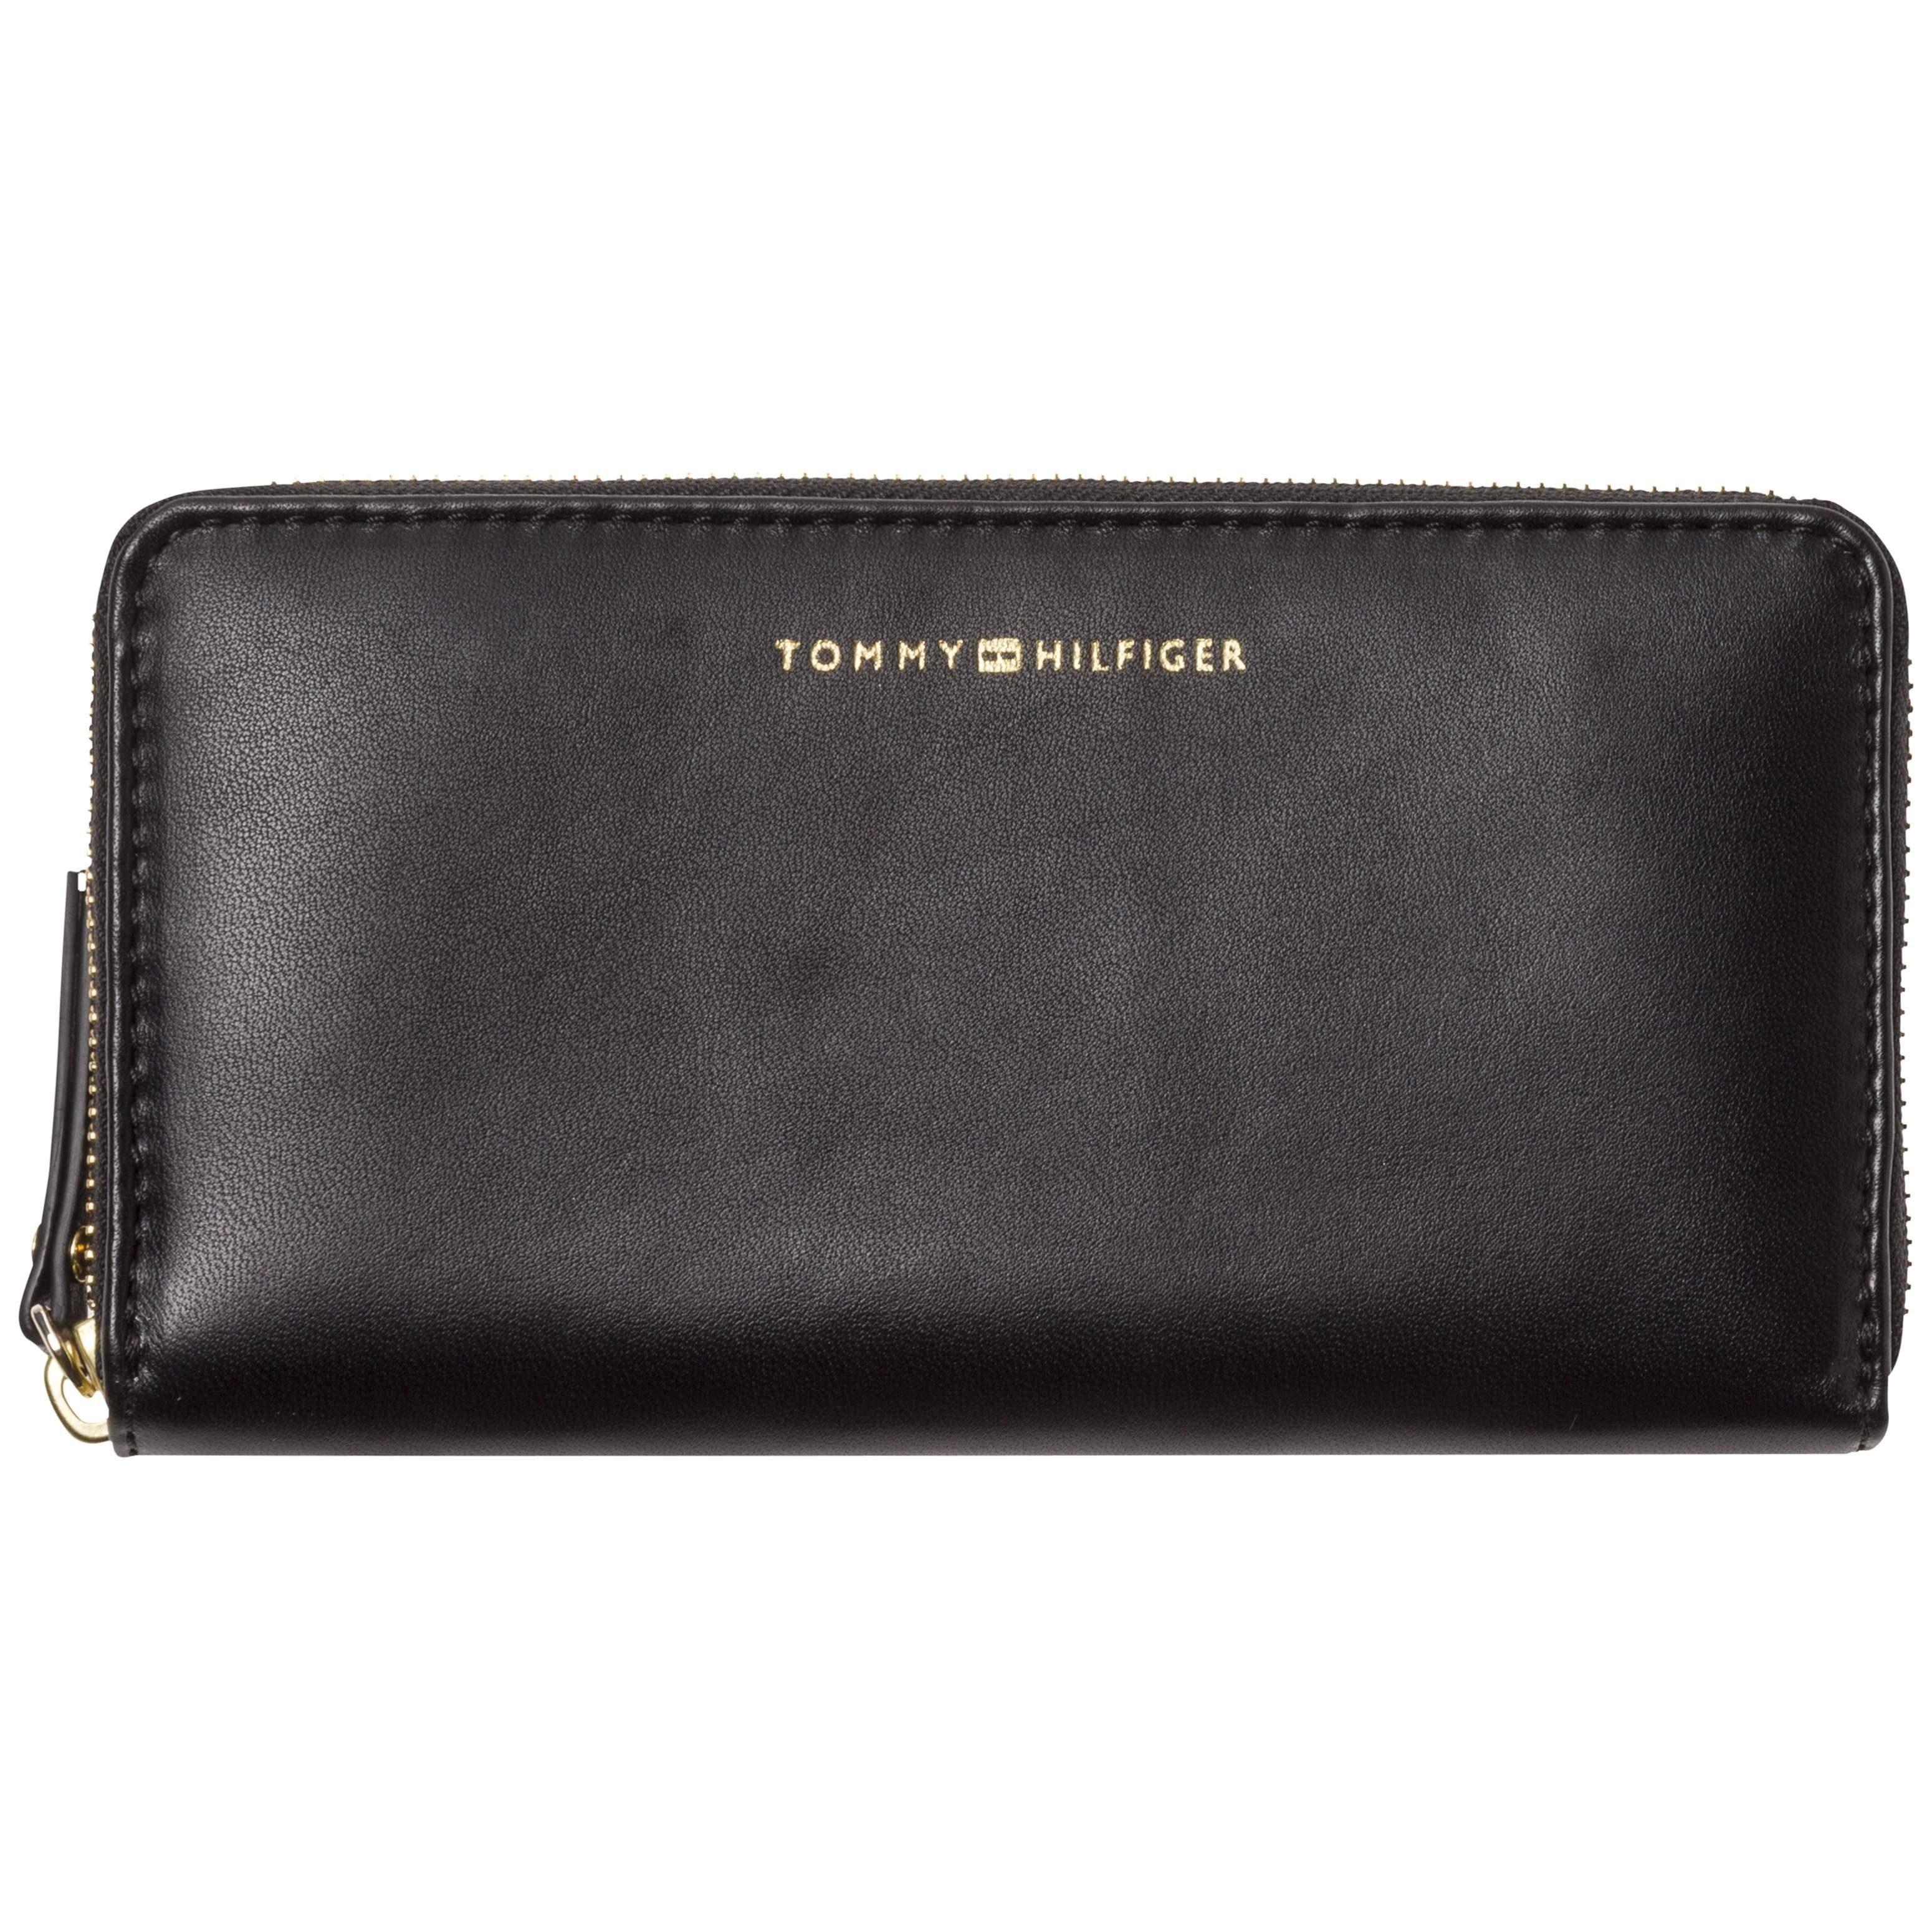 Tommy Hilfiger Geldbörse »SMOOTH LEATHER LRG ZA WALLET«, aus hochwertigem Leder mit praktischer Handgelenksschlaufe